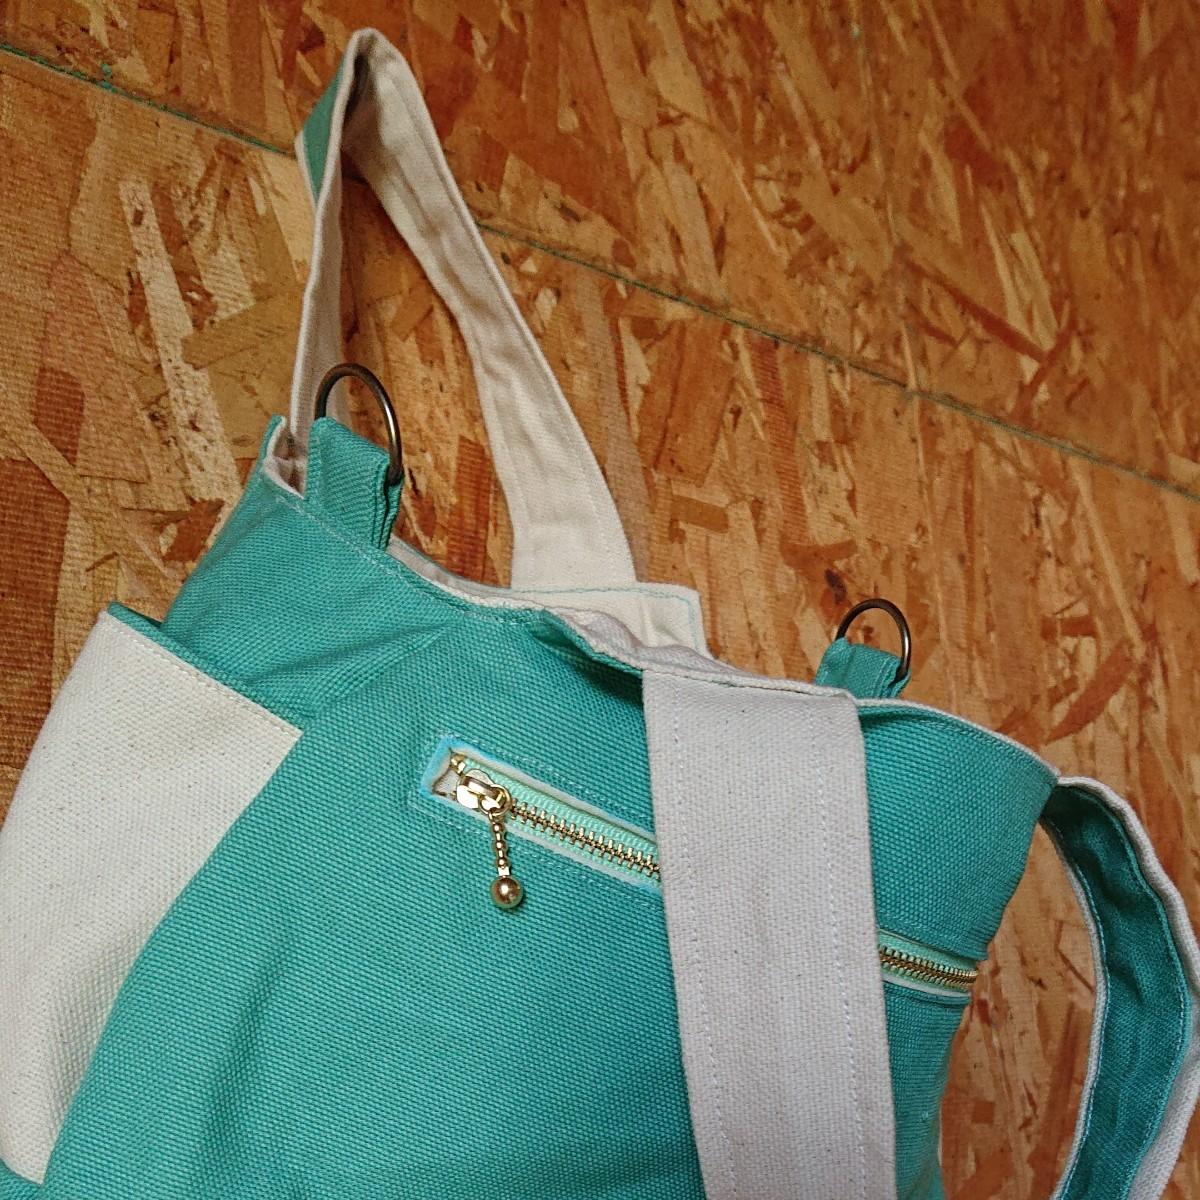 ハンドメイド  コロンと丸いミント色のバッグ(専用品)